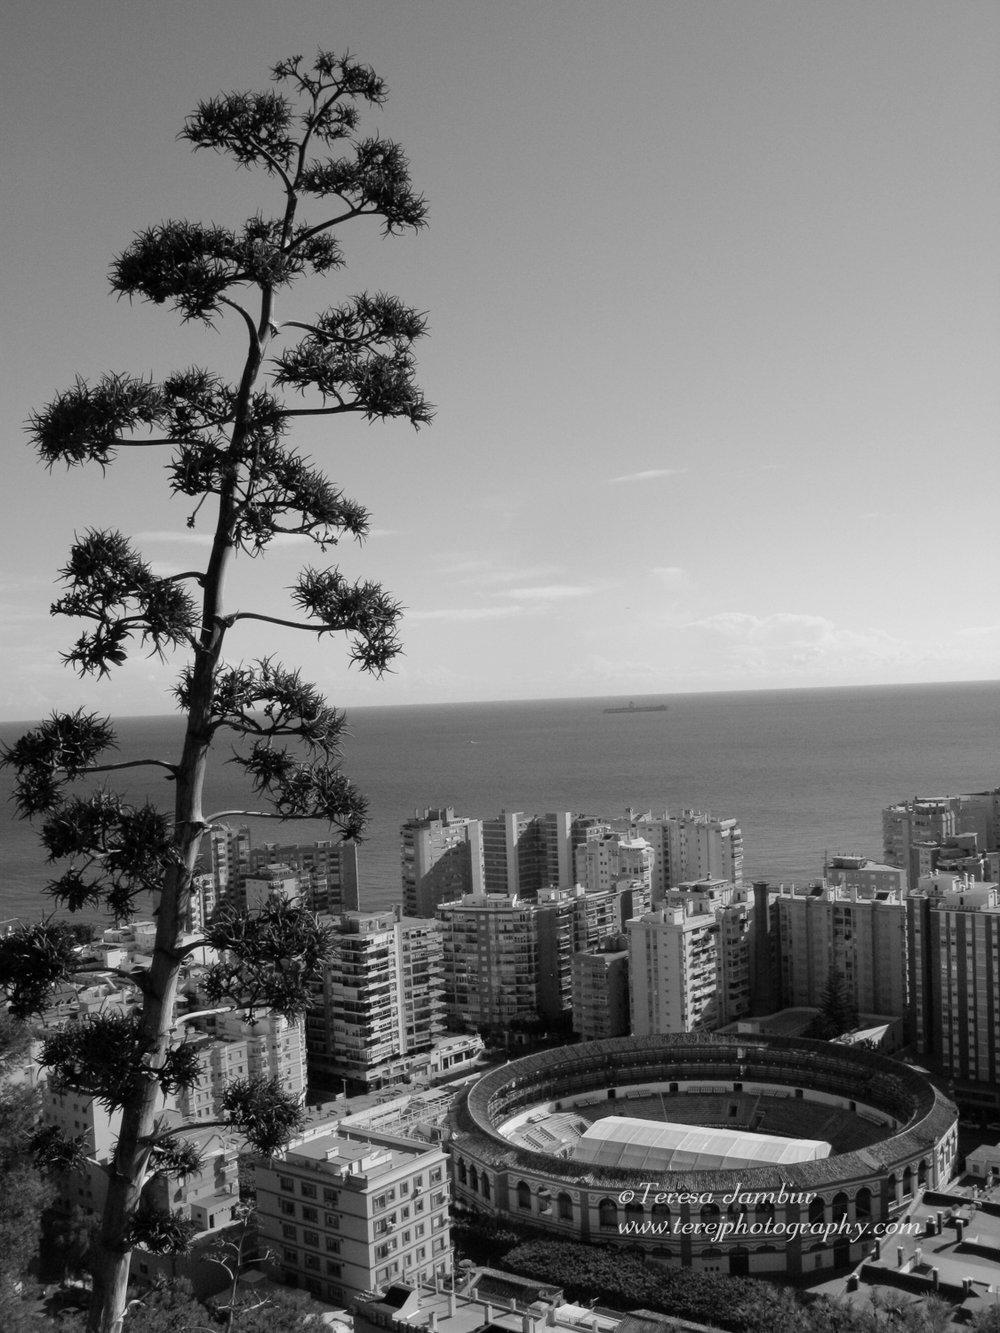 Spain-Andalucia-Malaga.jpg